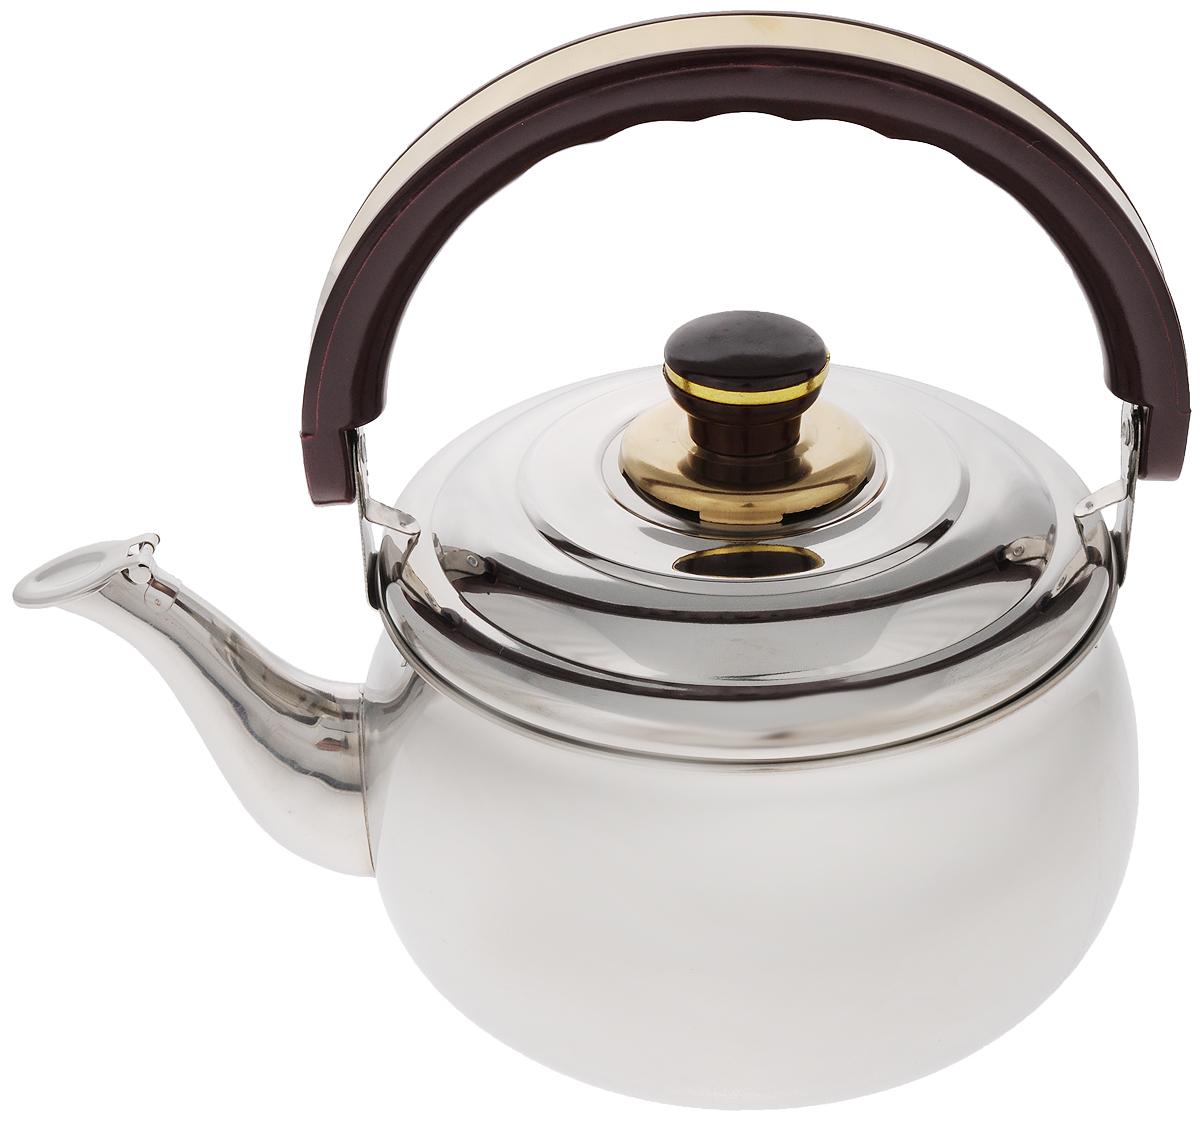 Чайник Mayer & Boch, со свистком, 3 л. 10361036Чайник Mayer & Boch изготовлен из высококачественной нержавеющей стали с зеркальной полировкой. Крышка чайника оснащена свистком, что позволит контролировать процесс подогрева или кипячения воды. Подвижная бакелитовая ручка имеет эргономичную форму, обеспечивая дополнительное удобство при разлитии напитка. Широкое верхнее отверстие позволит удобно налить воду. Чайник подходит для использования на электрических, газовых, стеклокерамических плитах. Можно мыть в посудомоечной машине. Диаметр чайника по верхнему краю: 18 см. Высота чайника (без учета ручки и крышки): 11 см.